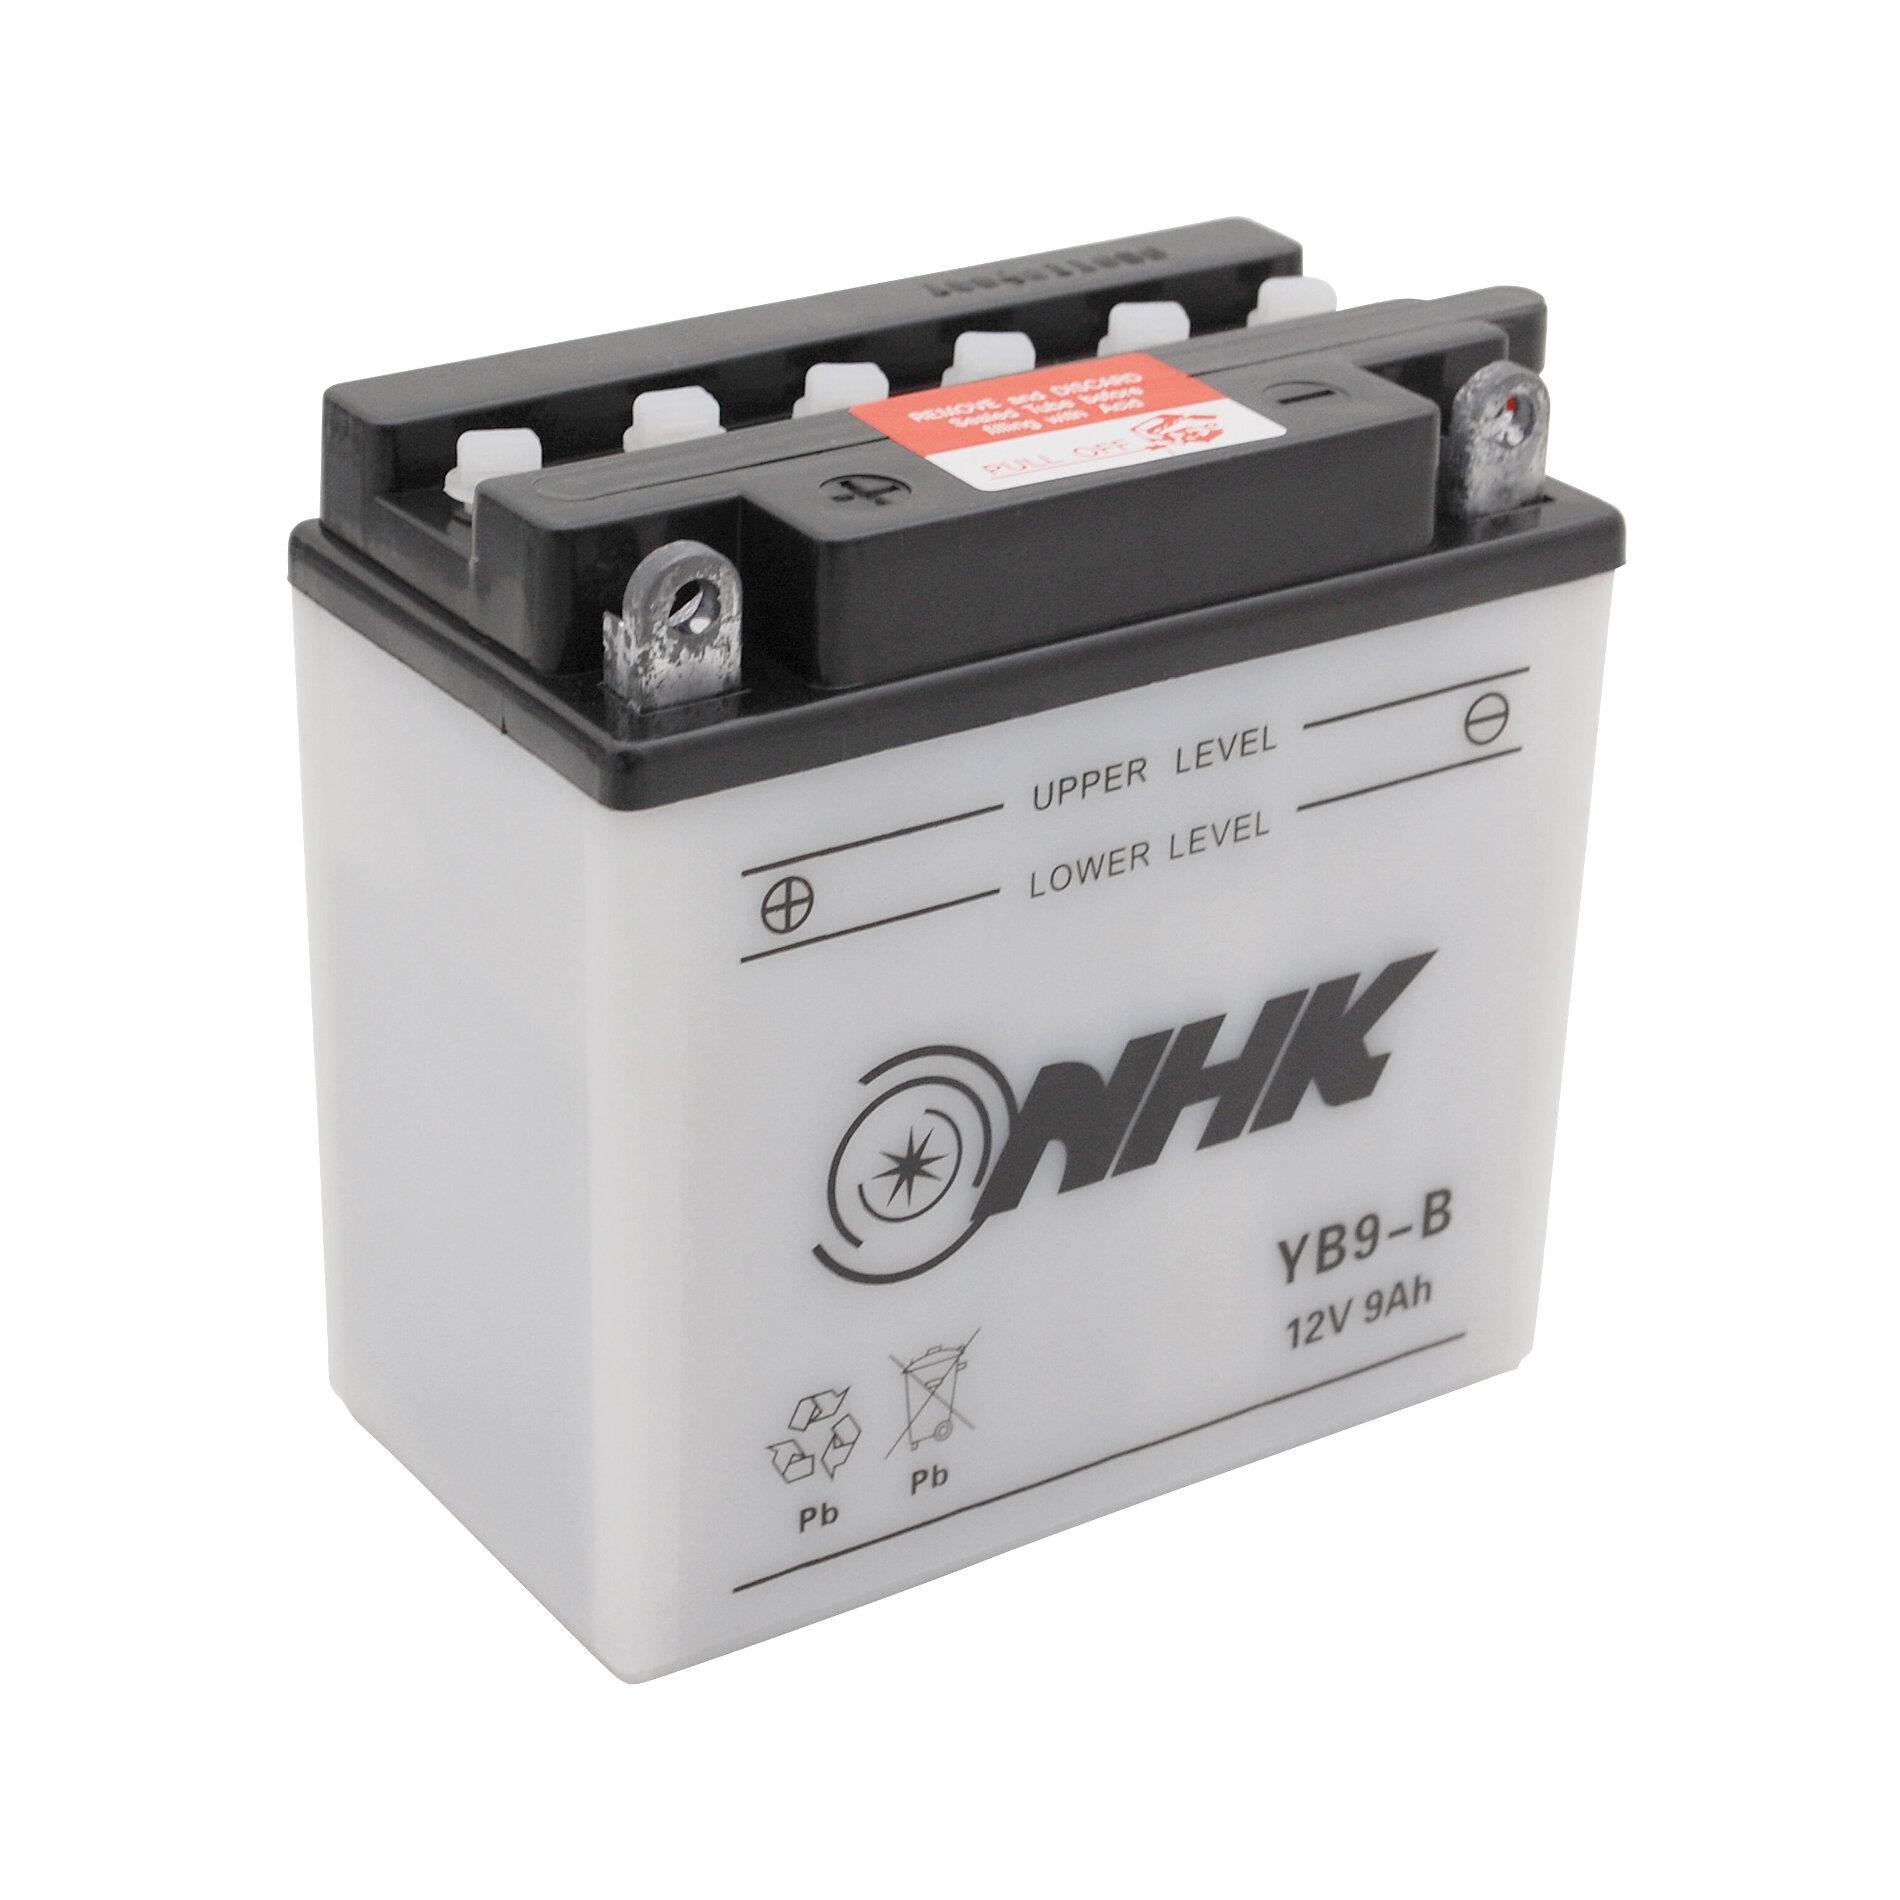 Batterie NHK YB9-B 12V 9Ah avec entretien